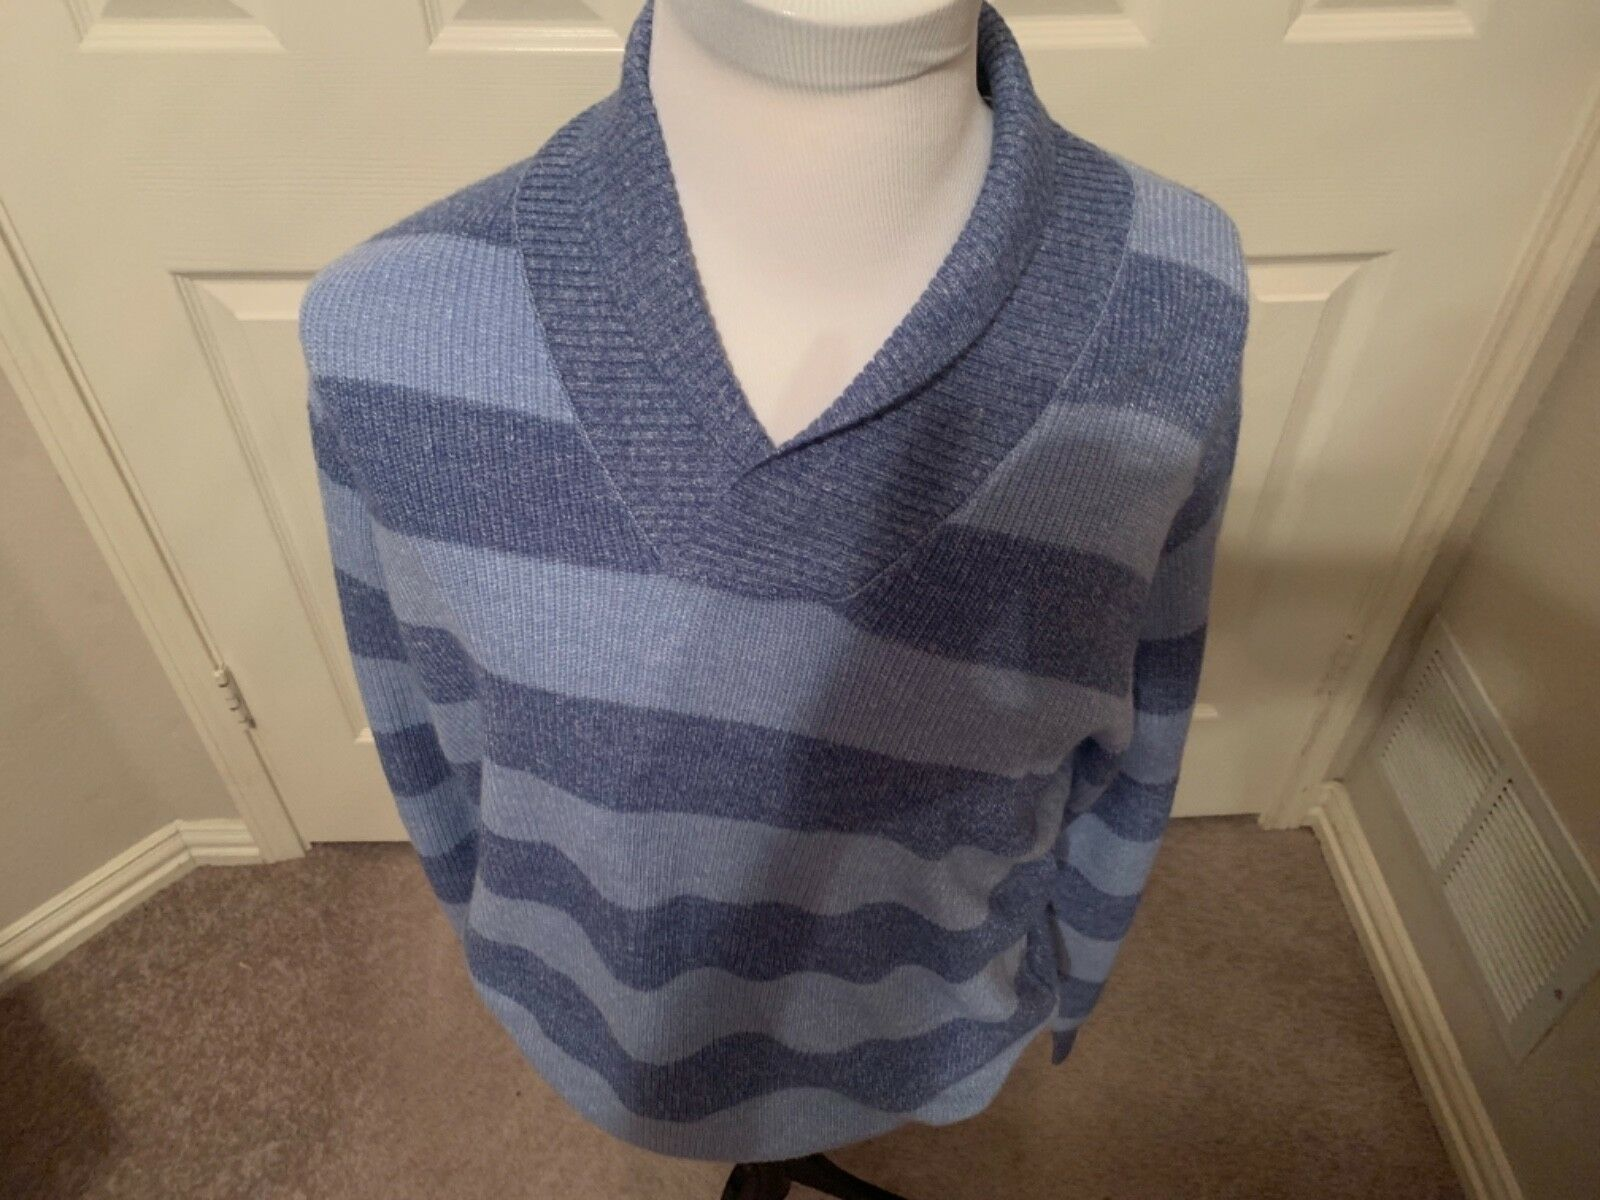 185 PETER MILLAR Shawl Collar  Sweater wool linen L  Blau